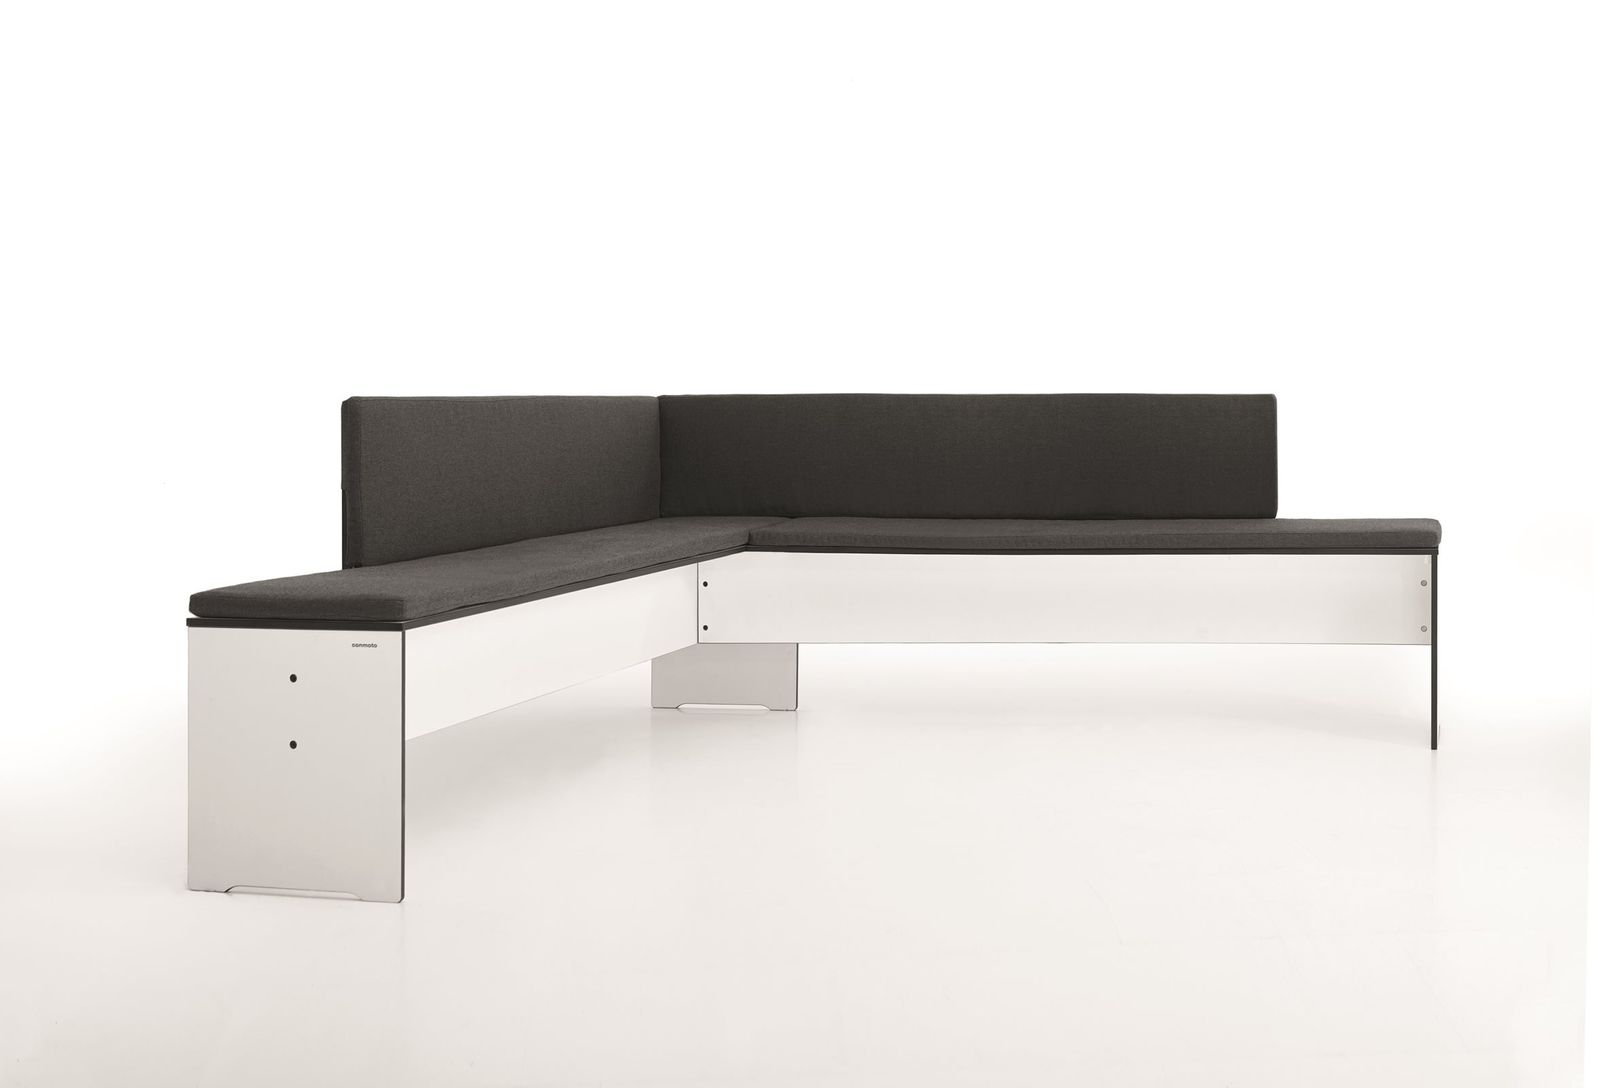 conmoto riva eckbank mit r ckenlehne 216x194 cm farben und zubeh r w hlbar. Black Bedroom Furniture Sets. Home Design Ideas